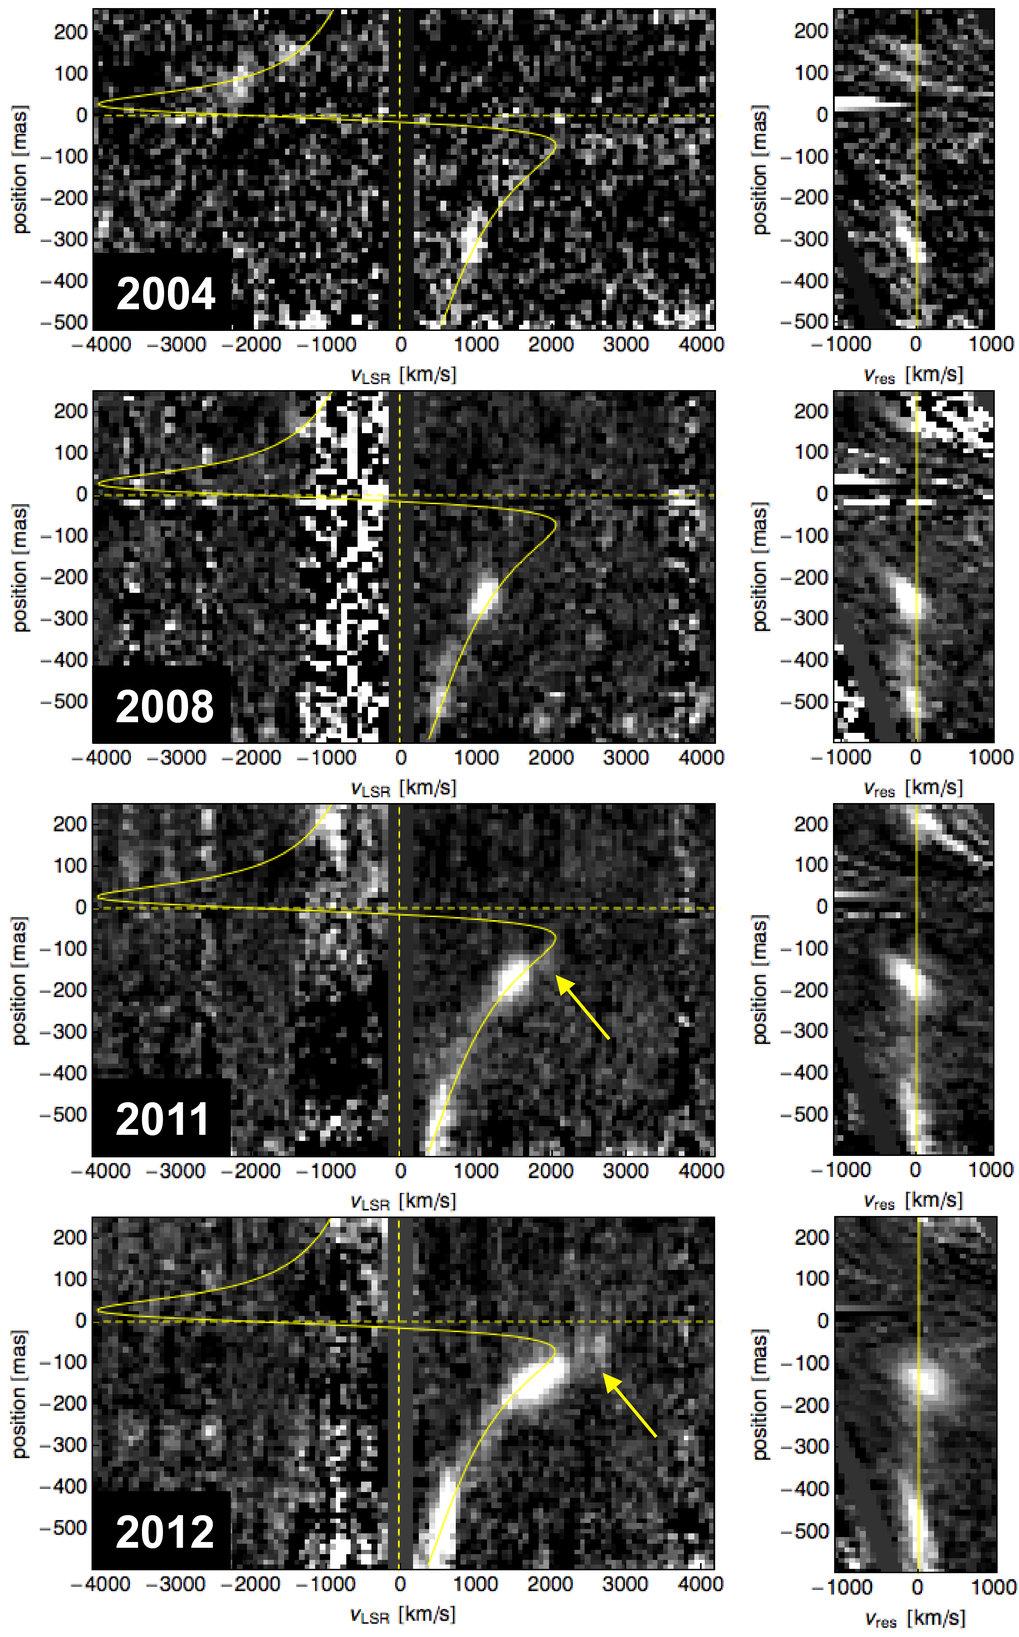 <strong>Abb. 3:</strong> Positions-Geschwindigkeitsdiagramm der Gaswolke. Aus den Spektroskopie-Daten kann die Radialgeschwindigkeit als Funktion der